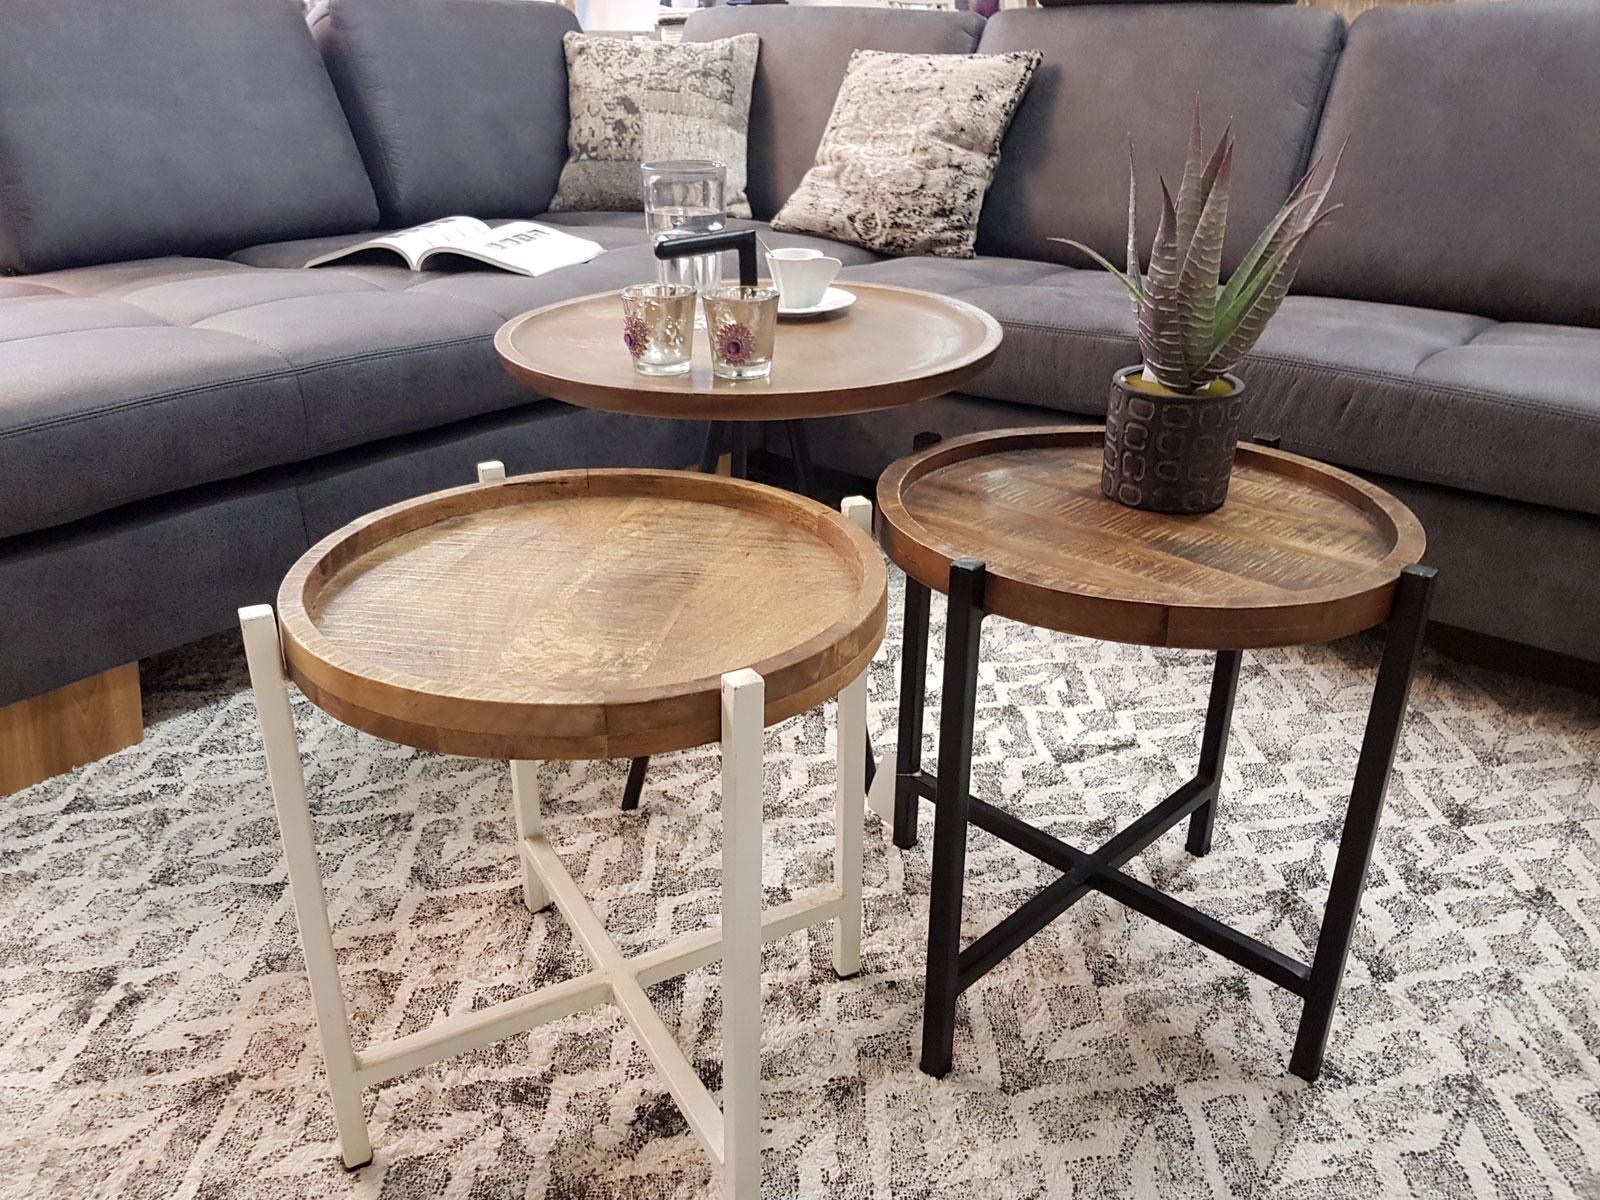 Beistelltisch Wohnzimmer-Tisch rund Omaha, Metall-Gestell ...